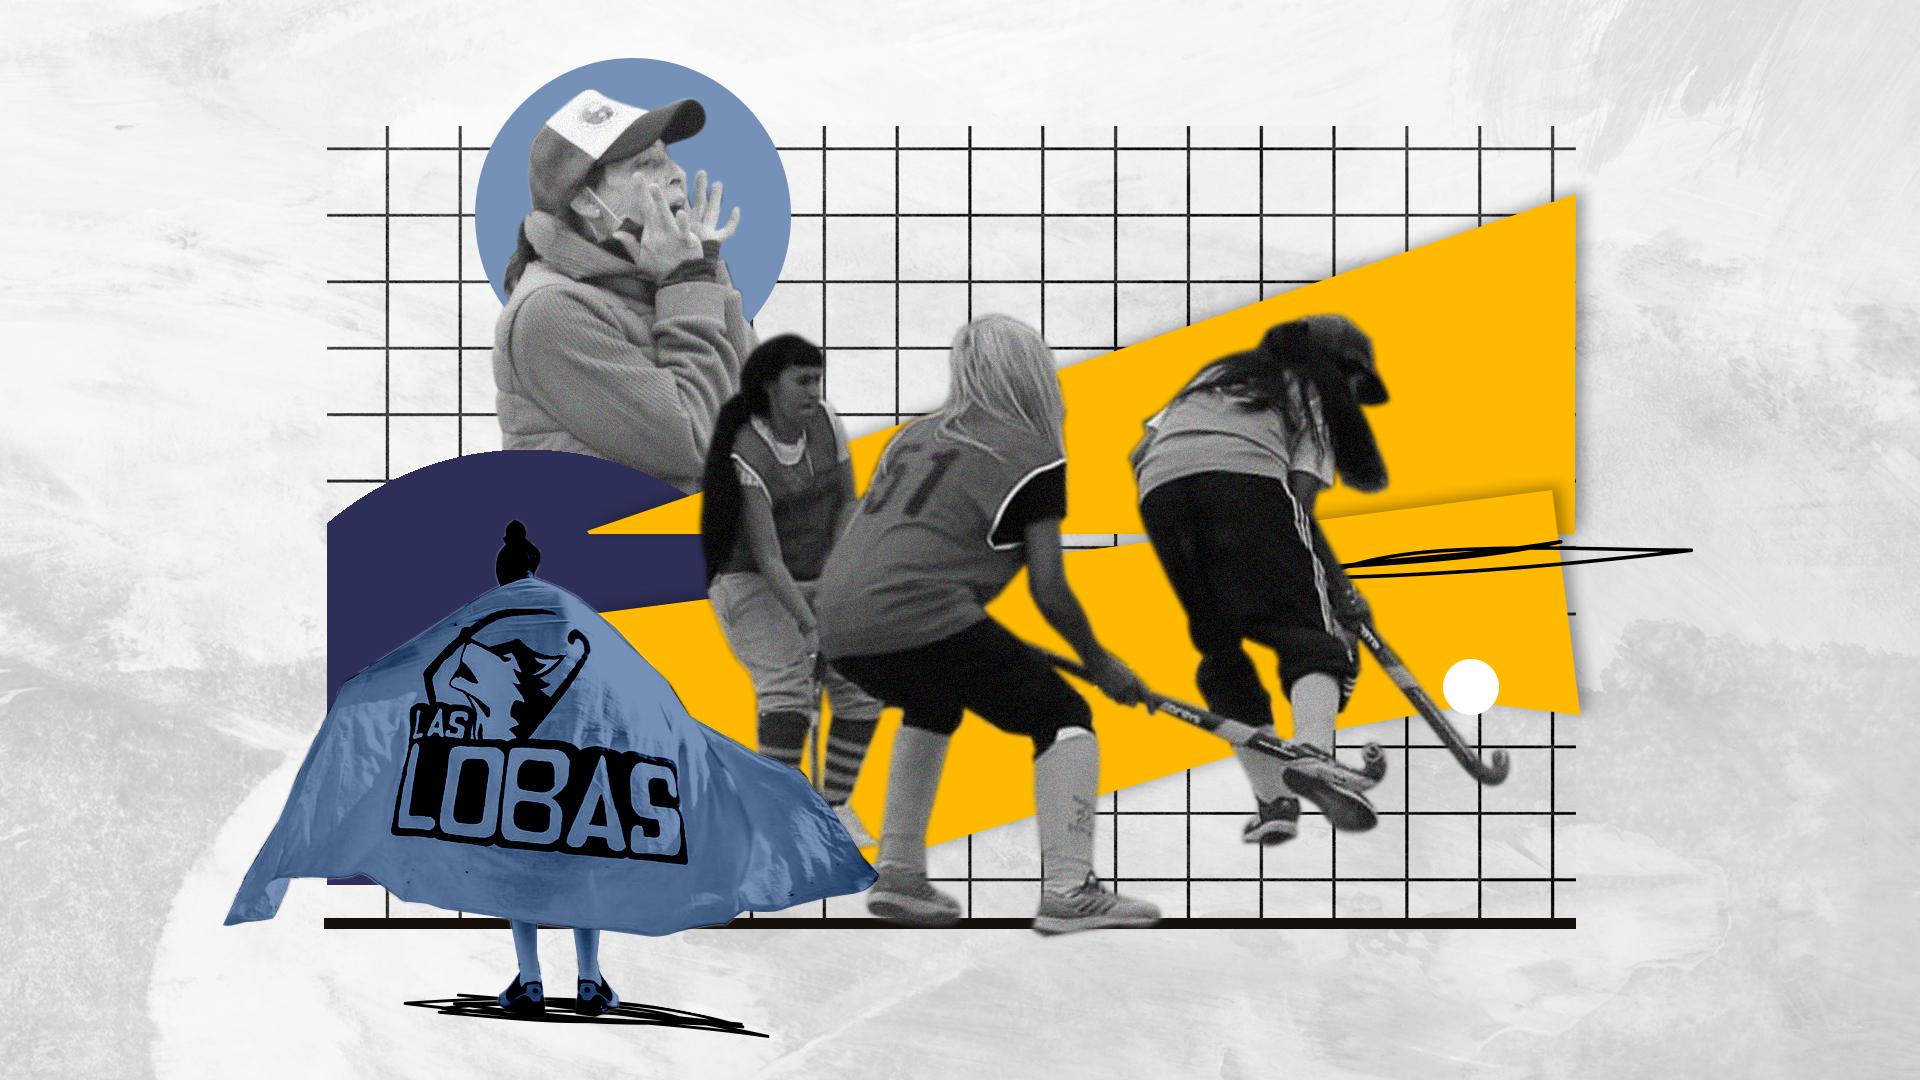 De la cárcel al barrio: Cuidá la Bocha encuentra en el hockey una herramienta de transformación social